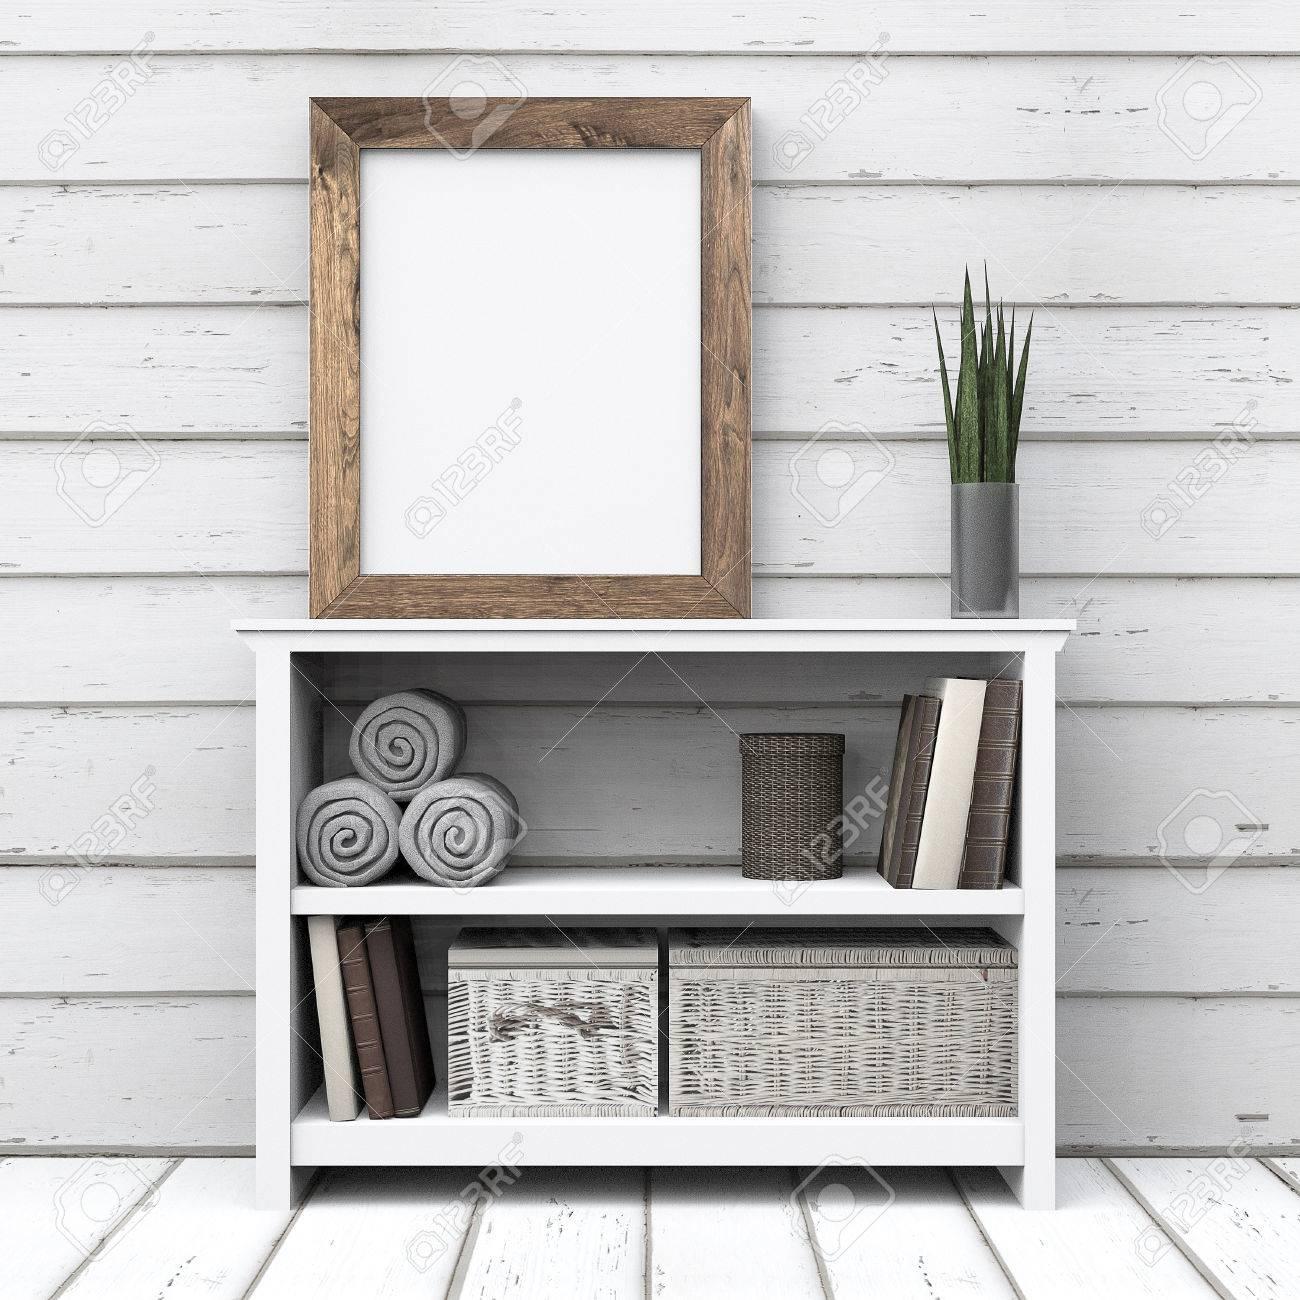 Leere Rahmen Holz Am Tisch Kommode Mit Weissem Holz Hintergrund